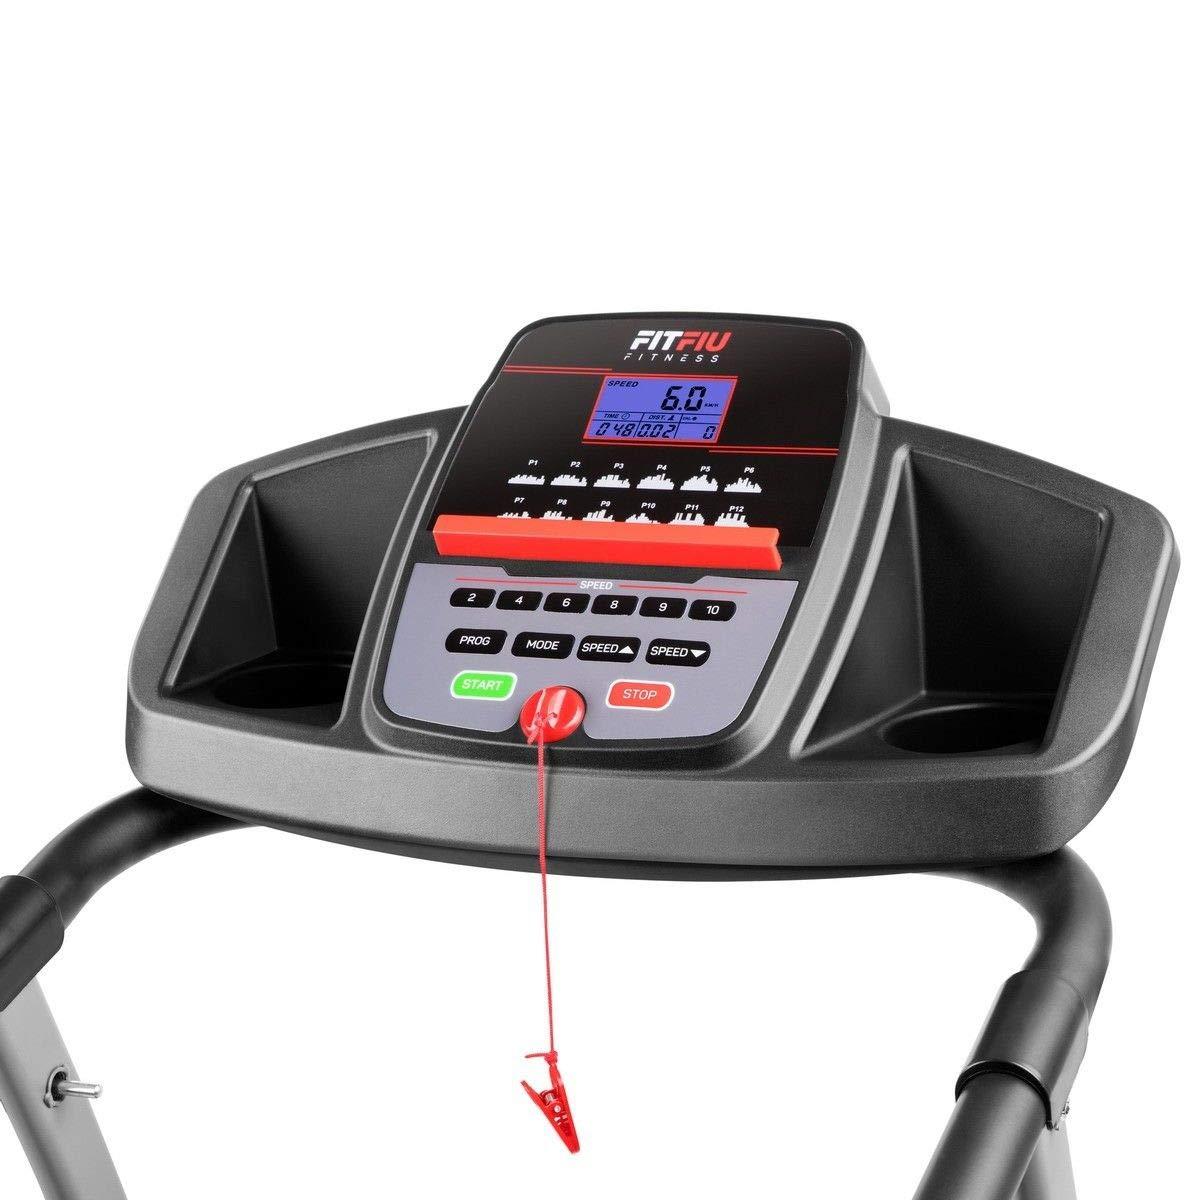 SG Cinta de Correr de 900W MC-100: Amazon.es: Deportes y aire libre